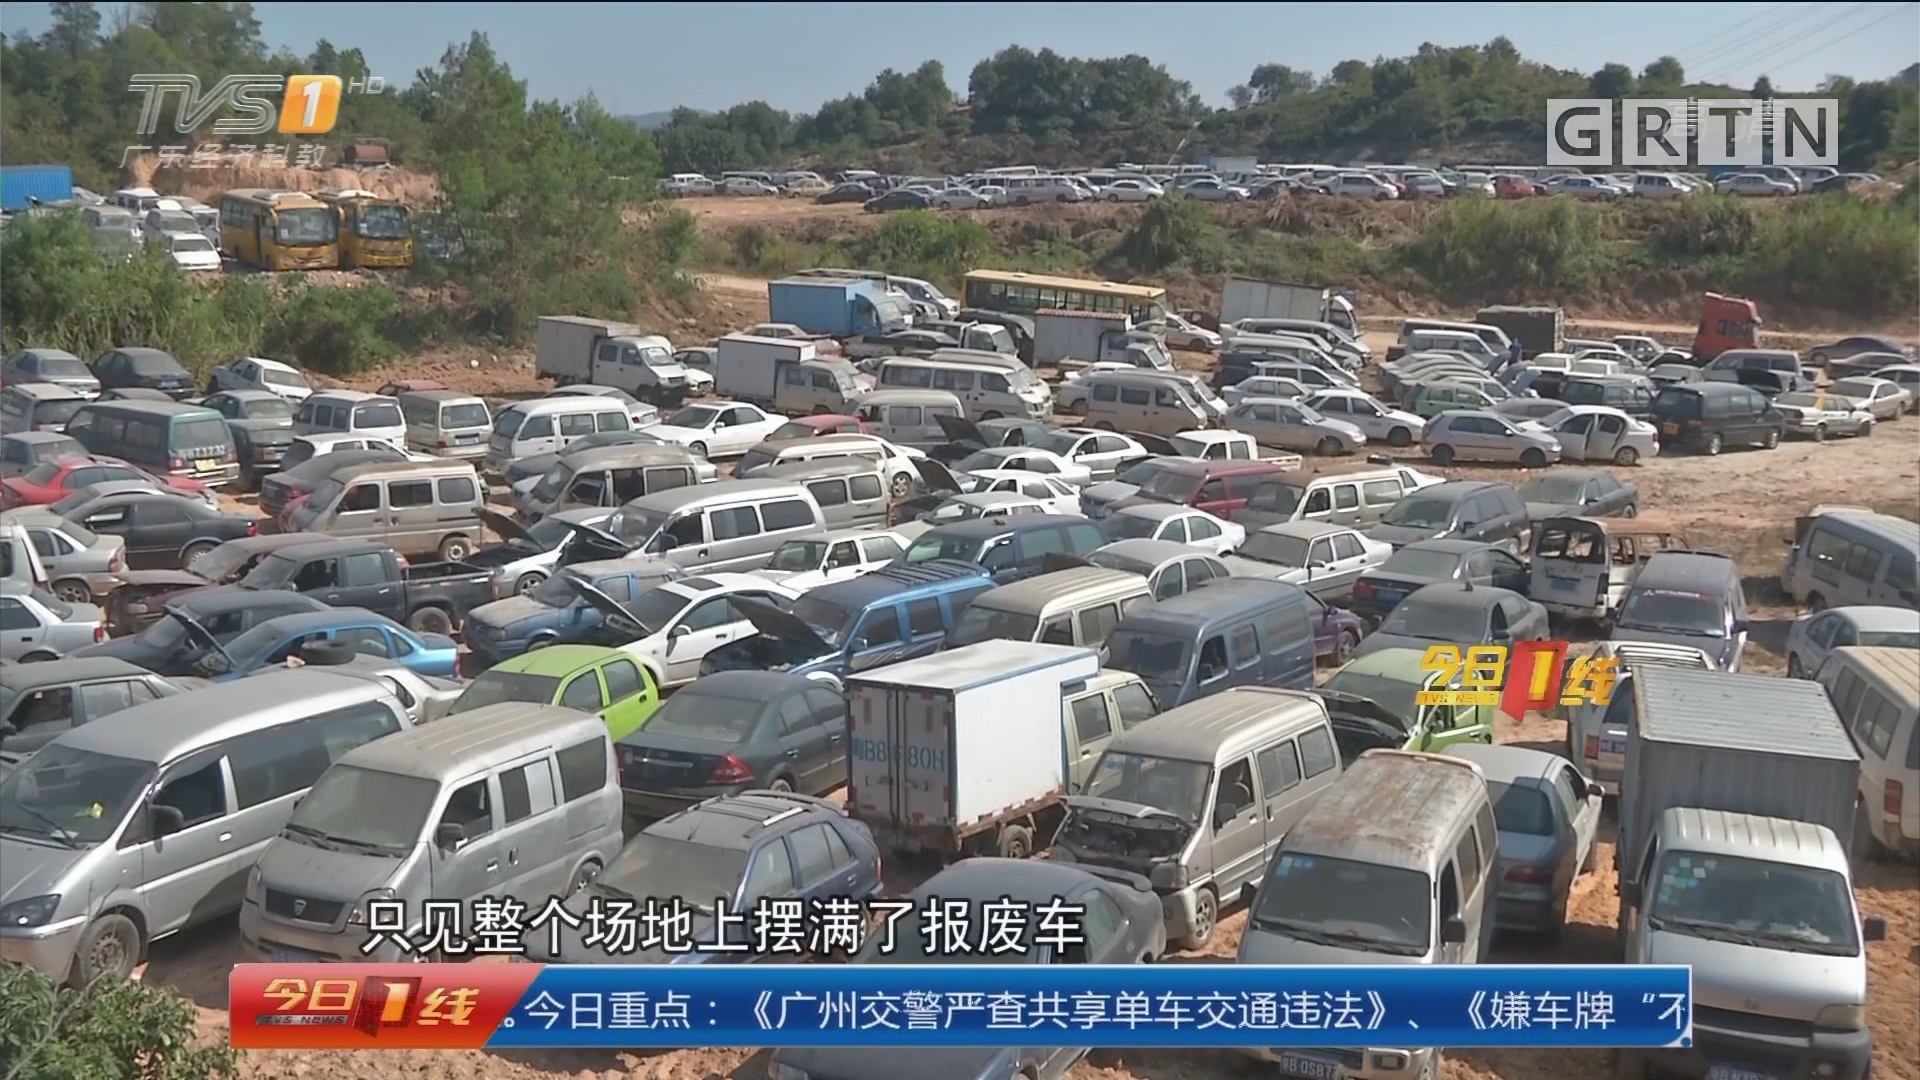 深圳龙岗:老旧车提前报废有补贴 收纳场扎堆排队